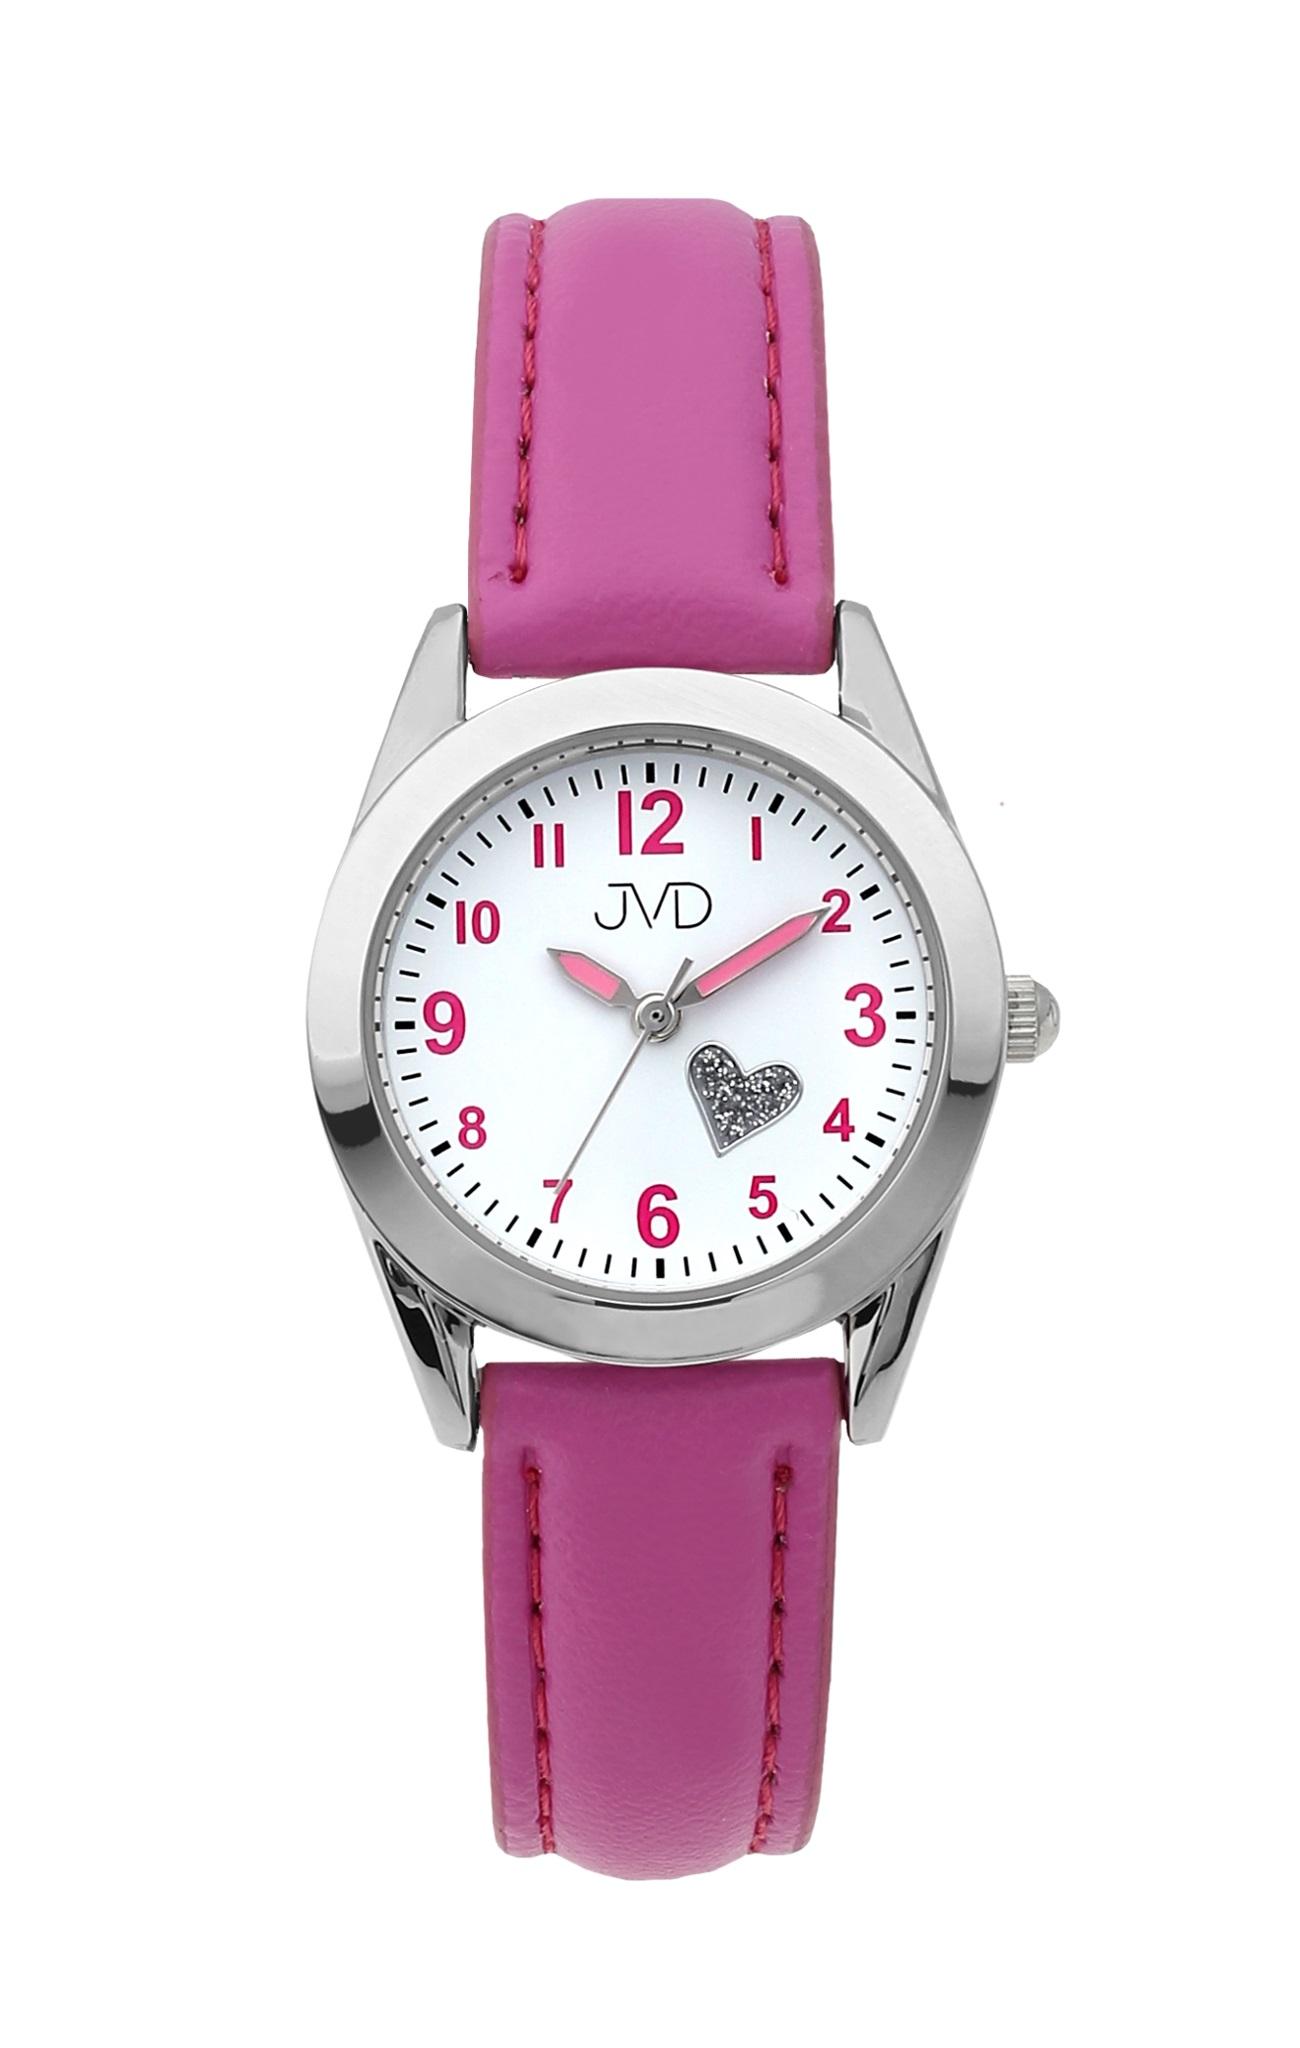 Dětské dívčí náramkové čitelné hodinky JVD J7178.1 se srdíčkem (růžové dívčí hodinky)